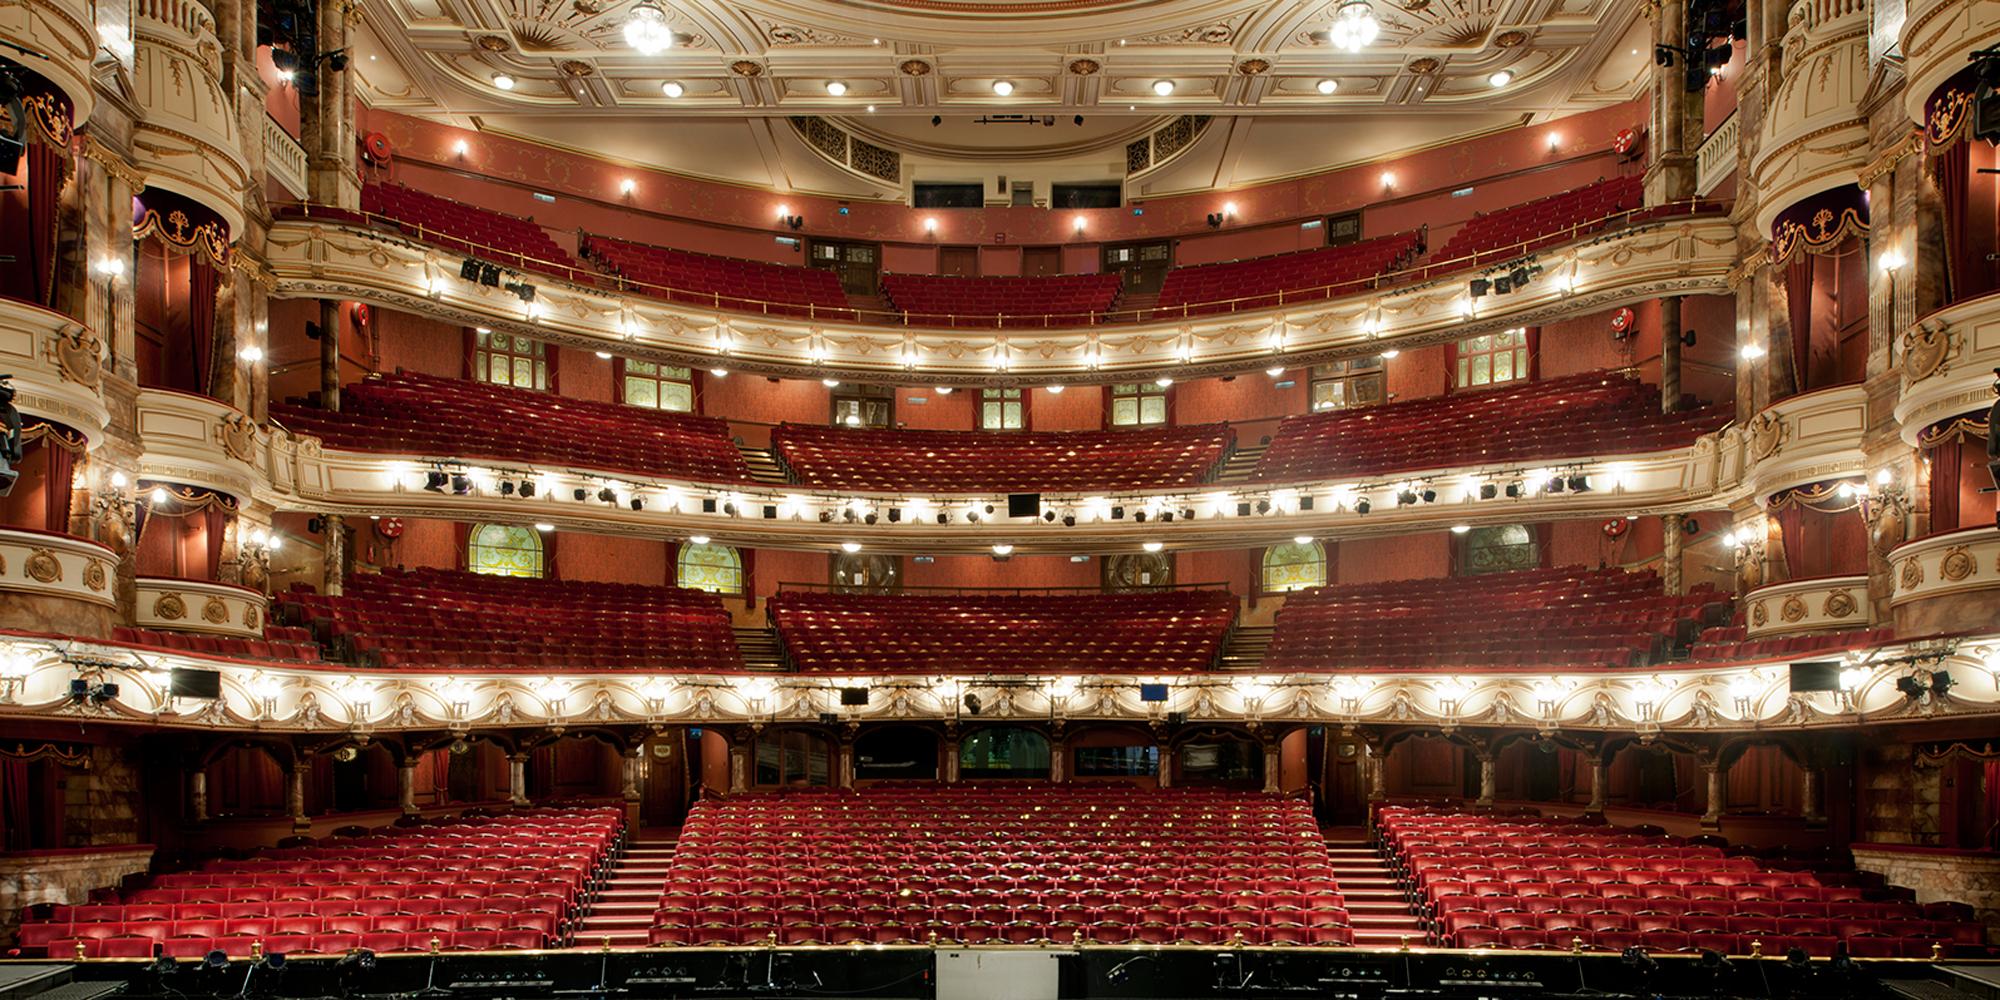 London Coliseum Backstage Tour